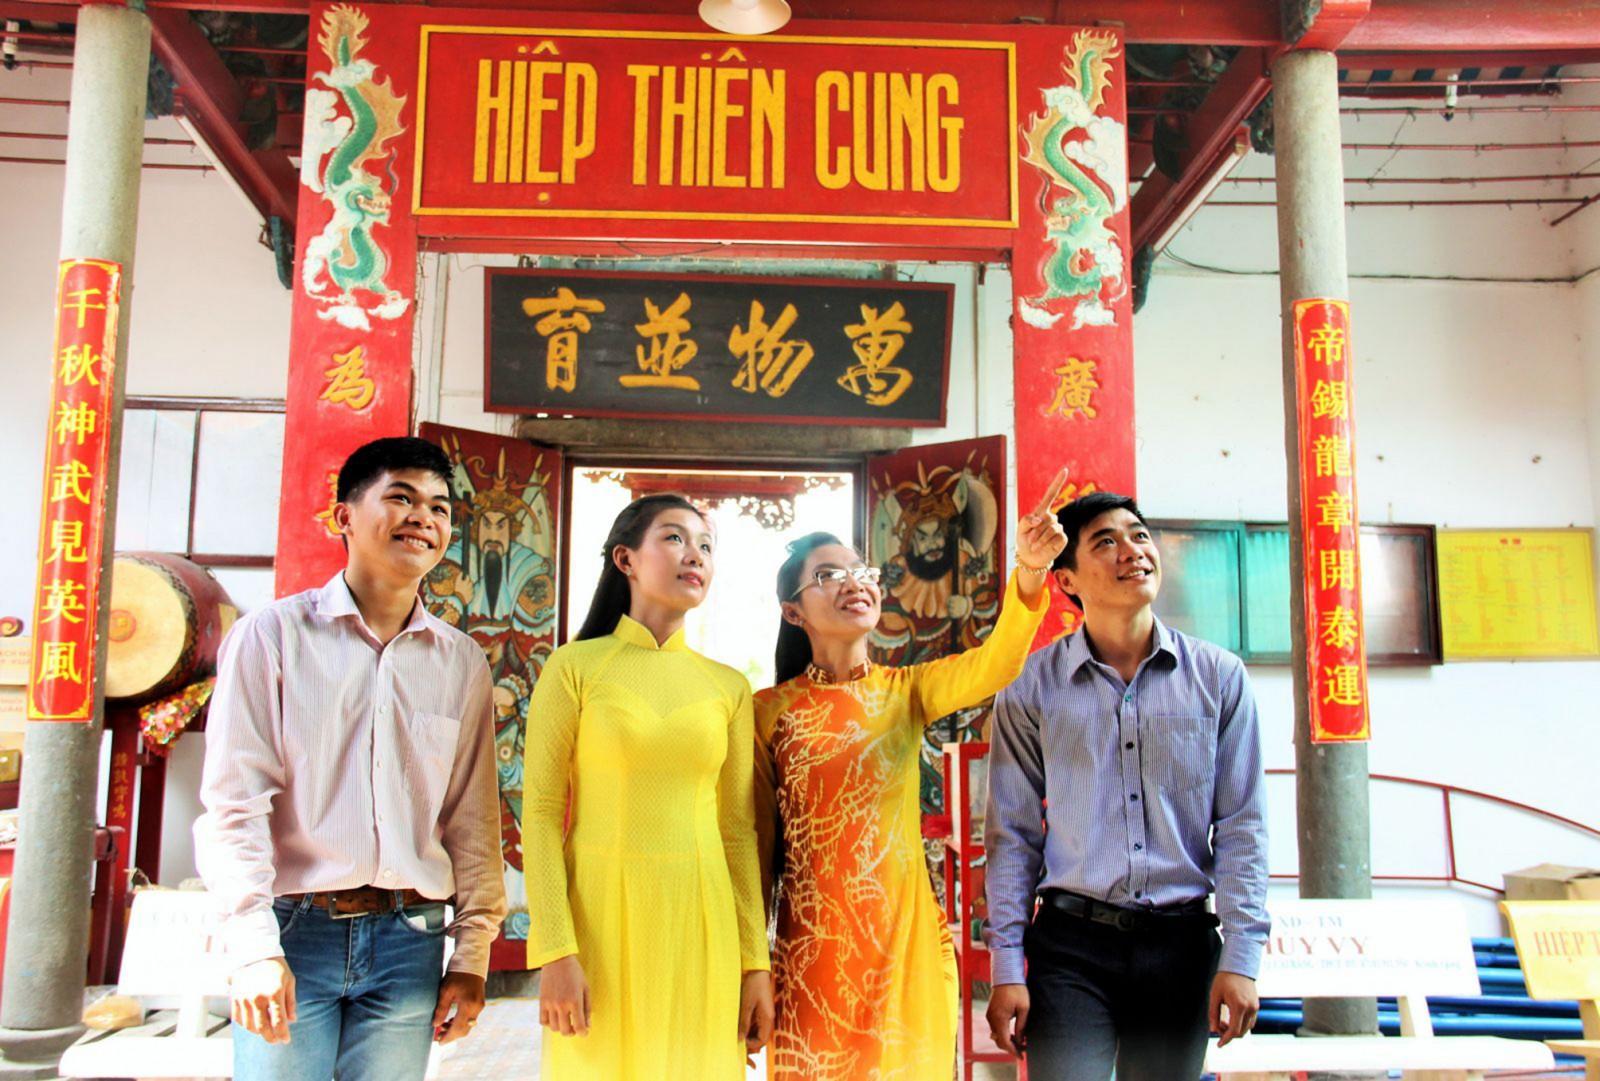 Di tích Quốc gia Hiệp Thiên Cung (Cái Răng) - nơi diễn ra nhiều lễ hội truyền thống của bà con dân tộc Hoa, trong đó có Lễ Cúng bình an. Ảnh: DUY LỮ